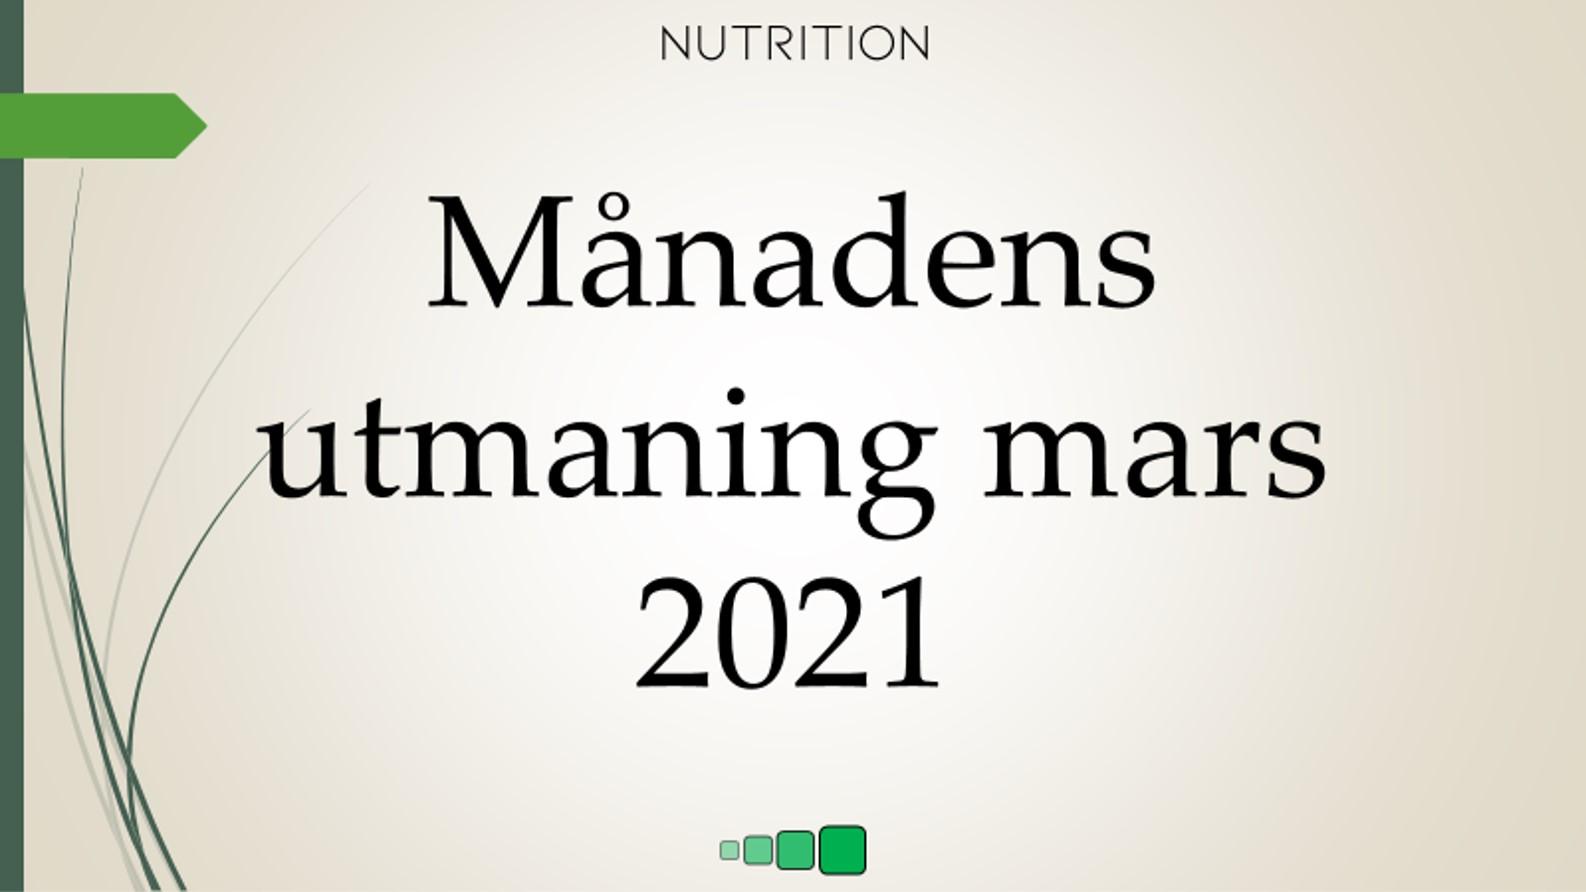 månadens utmaning mars 2021